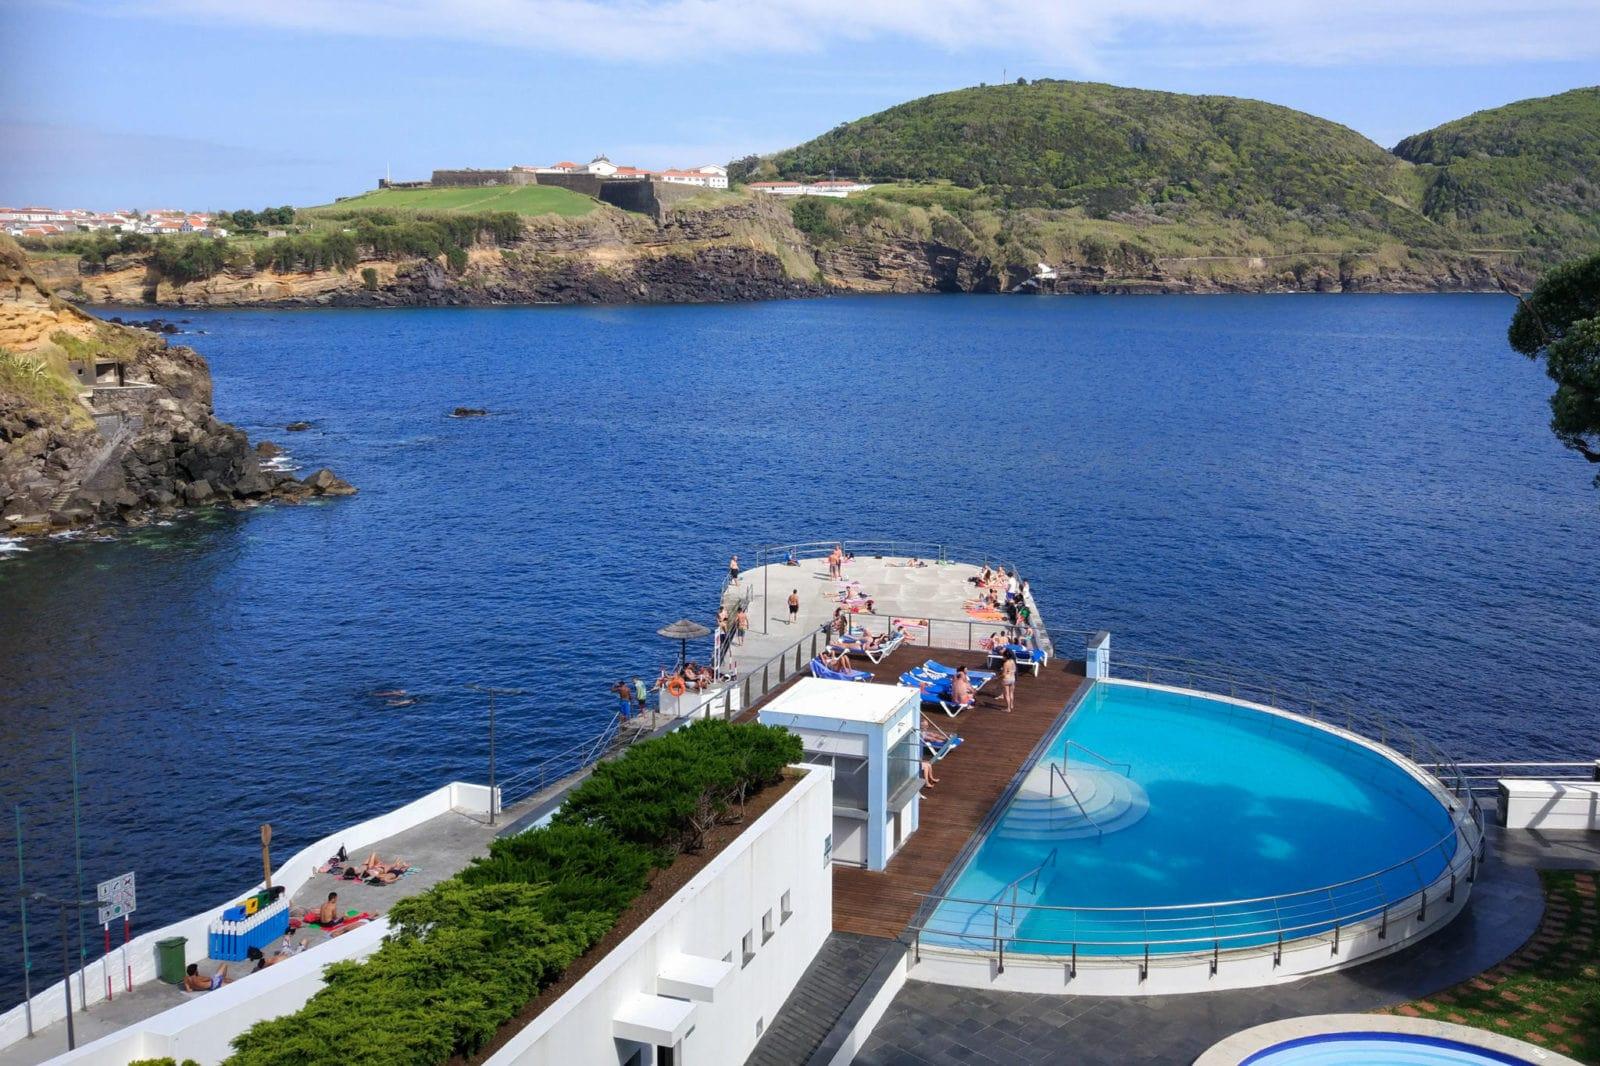 Вид из отеля Caracol, бассейн относится к отелю (фото: Carlos Cachao)